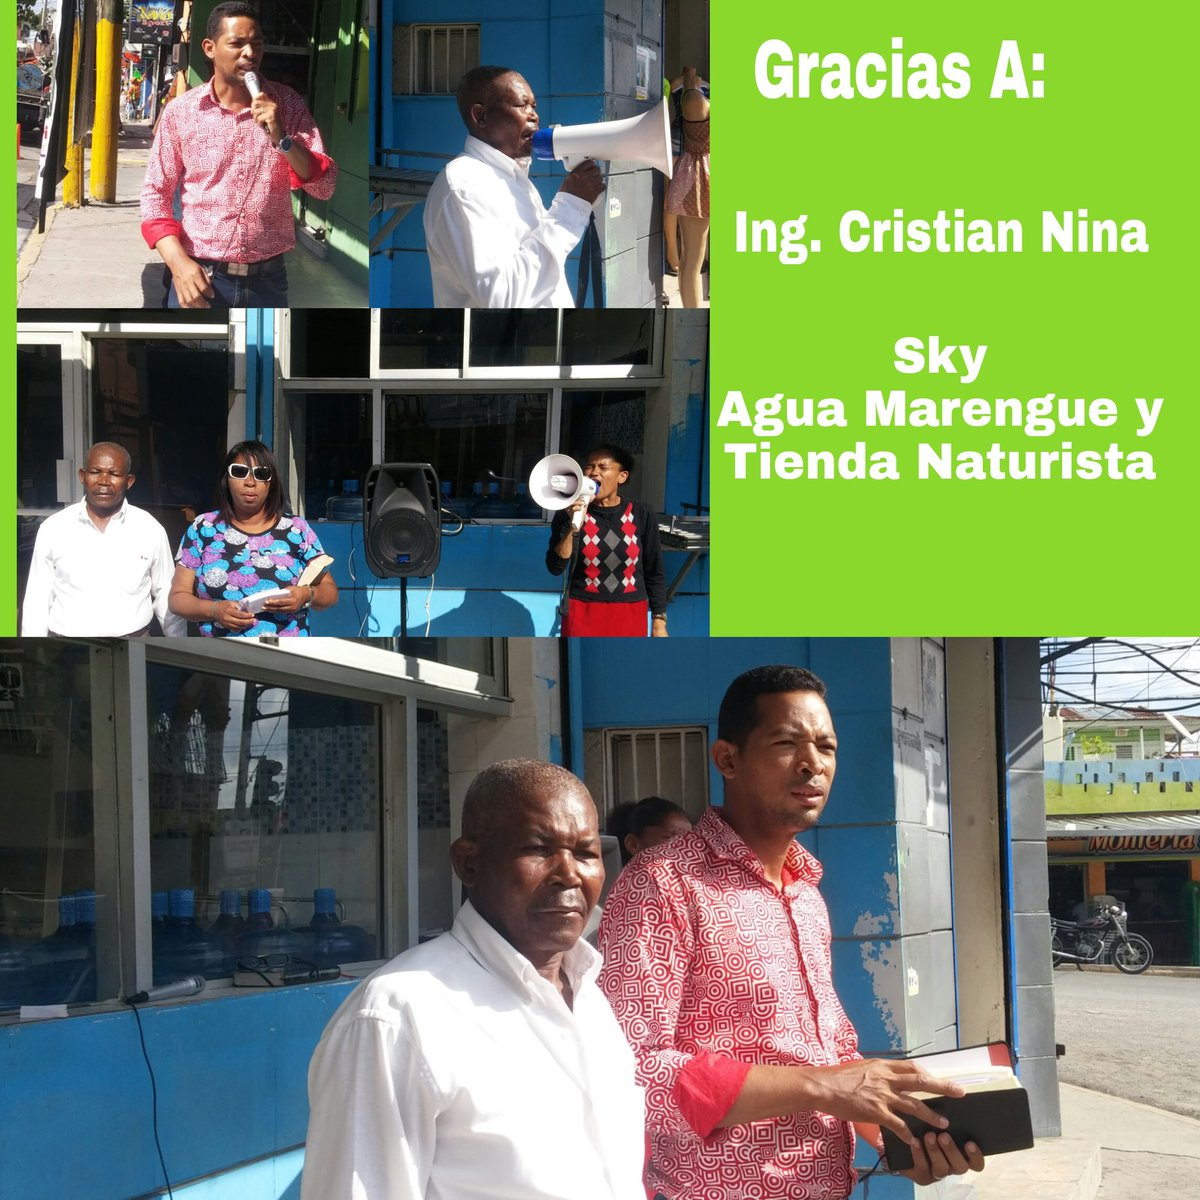 #Haina.- Cultos de Alabanzas al Rey de #Reyes  continua en el cruce, gracias a Ing. Cristian Nina, Sky, Agua Merengue y Tienda Naturista. <br>http://pic.twitter.com/CYEYaC64kB